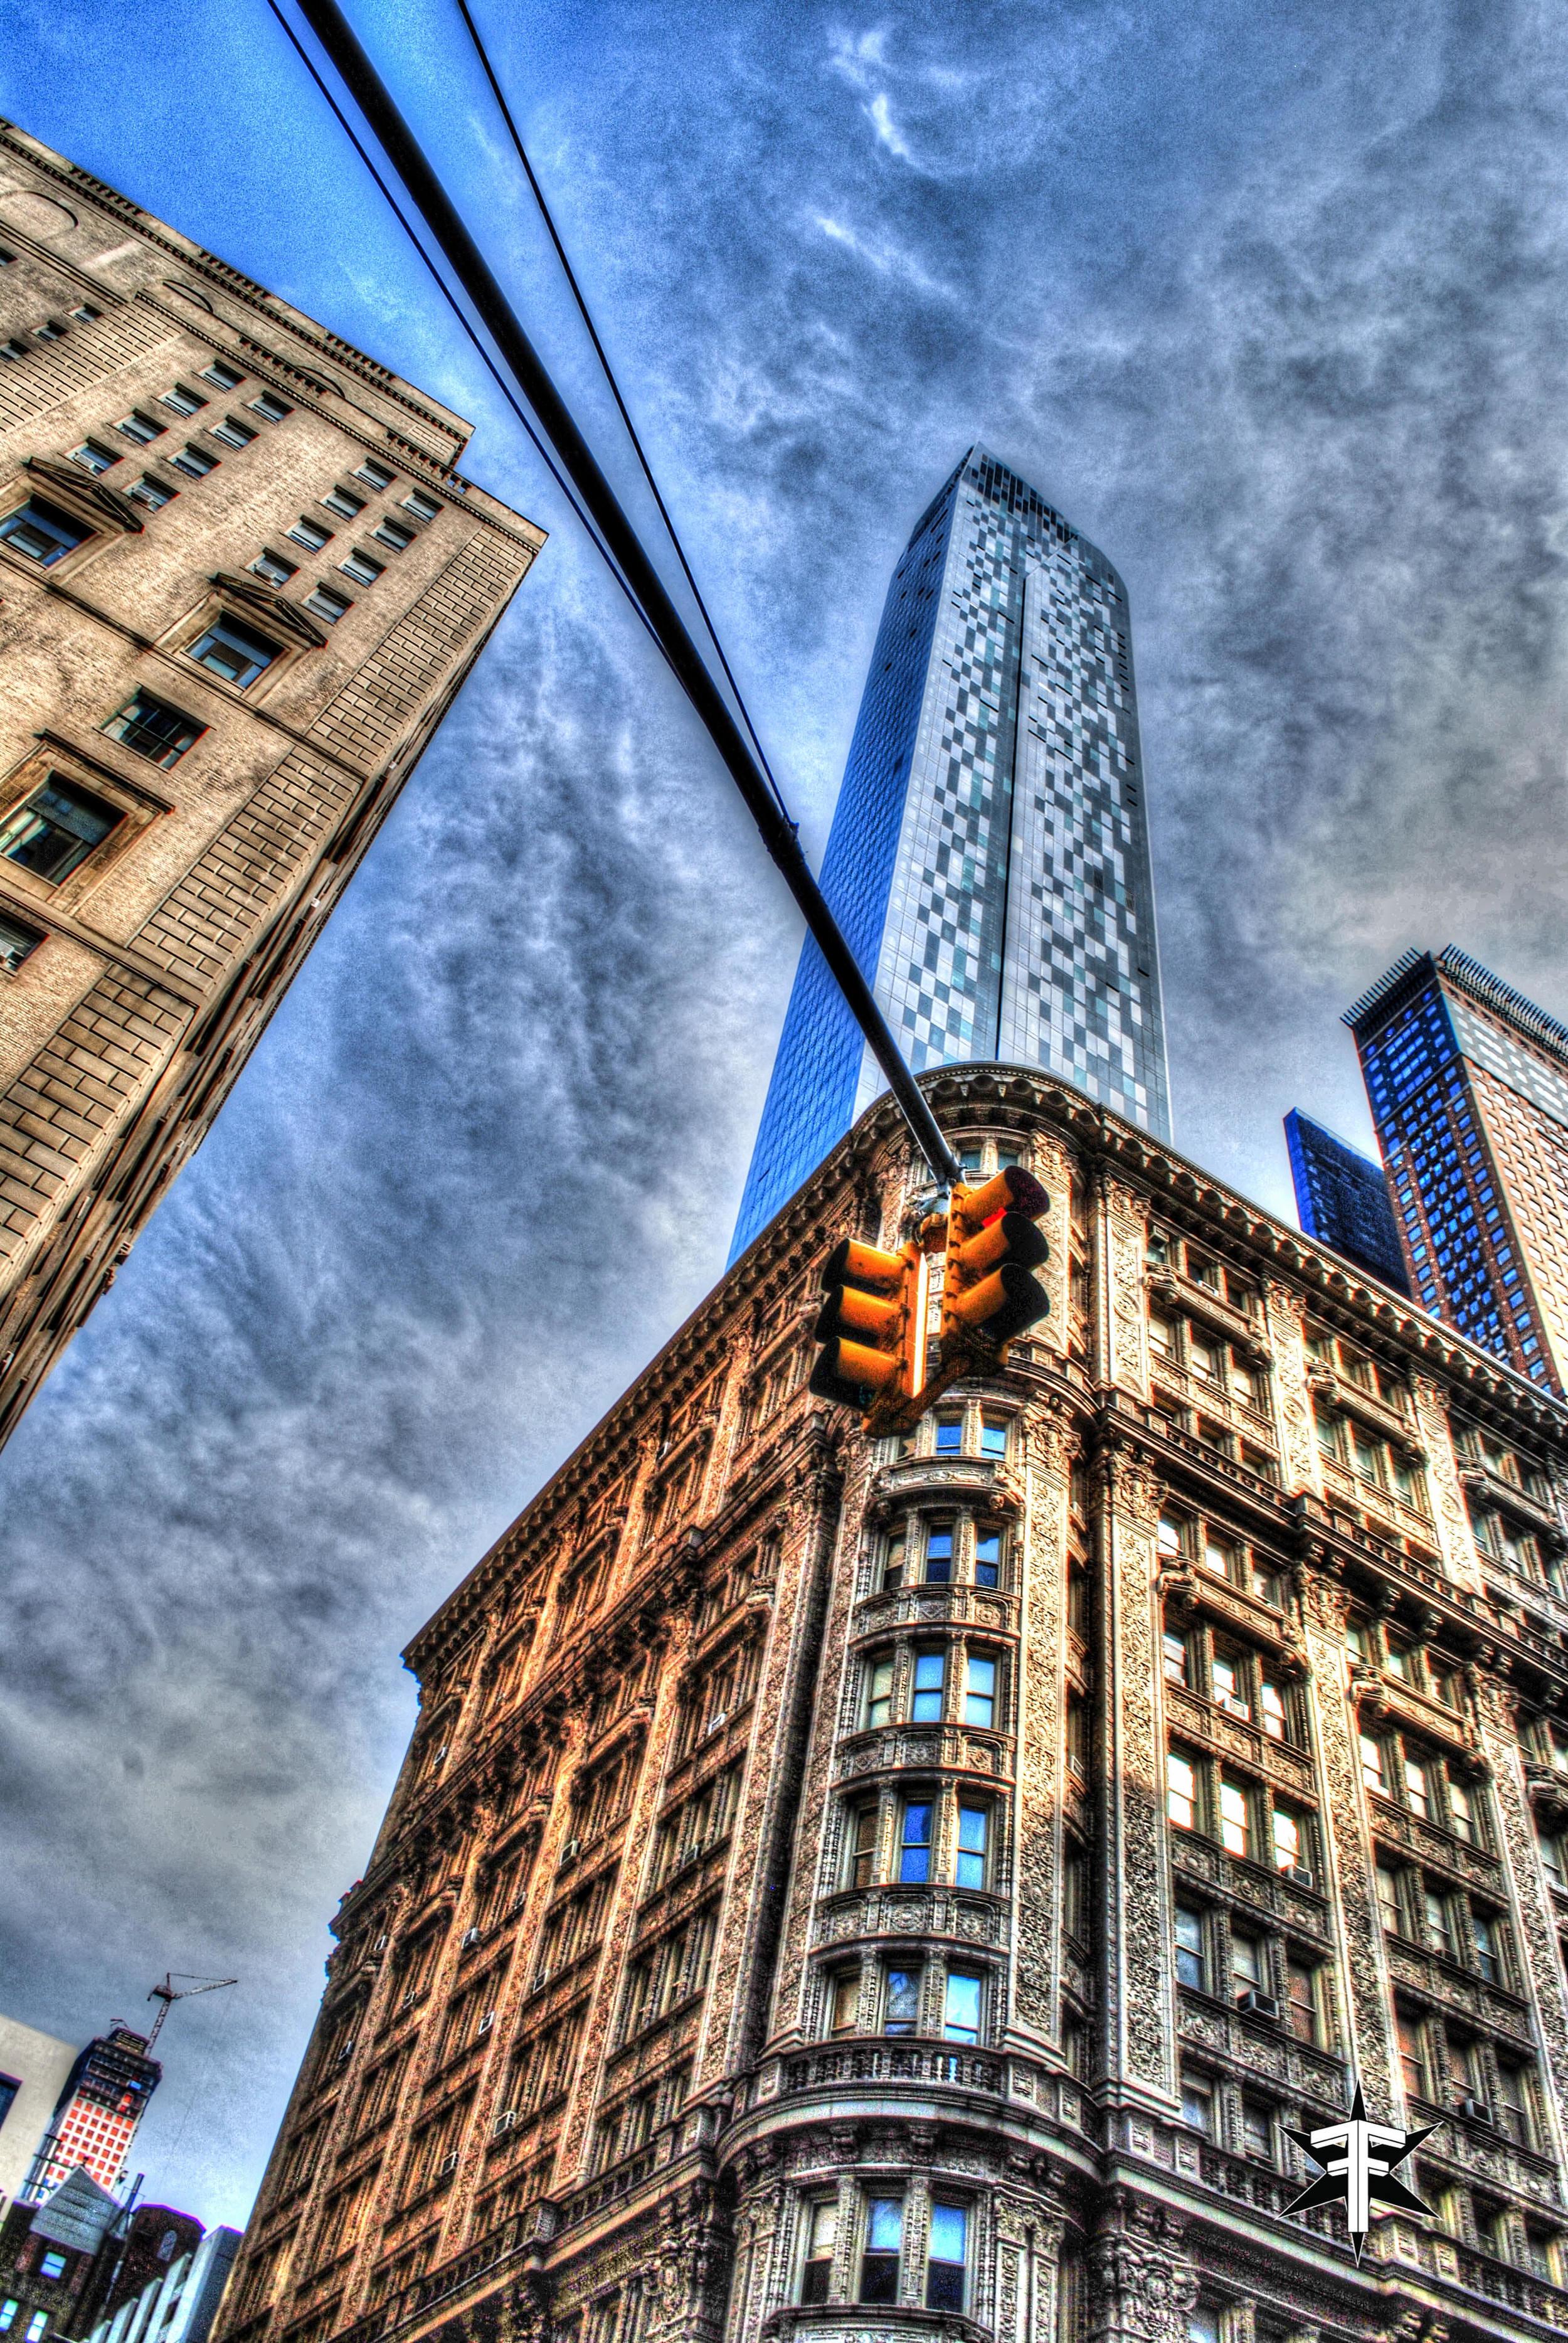 chicago architecture eric formato photography design arquitectura architettura buildings skyscraper skyscrapers-16.jpg